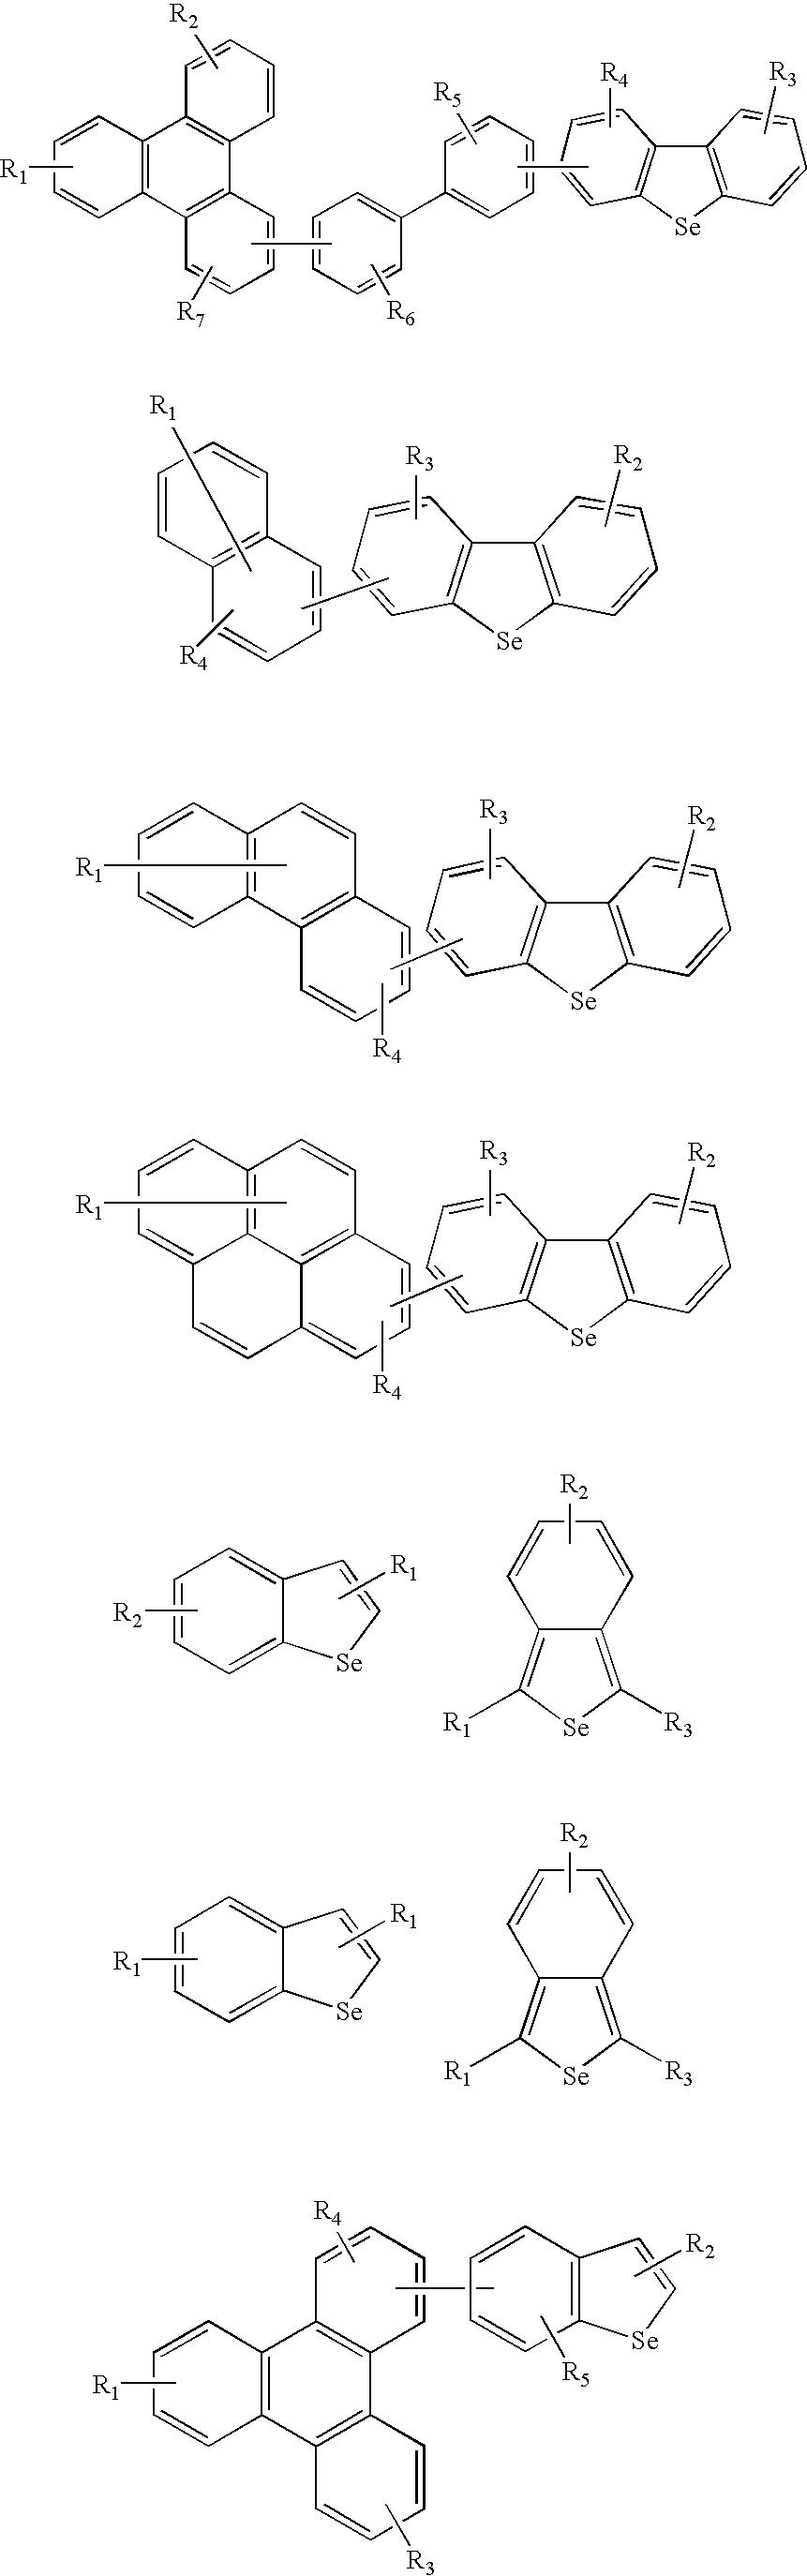 Figure US20100072887A1-20100325-C00196